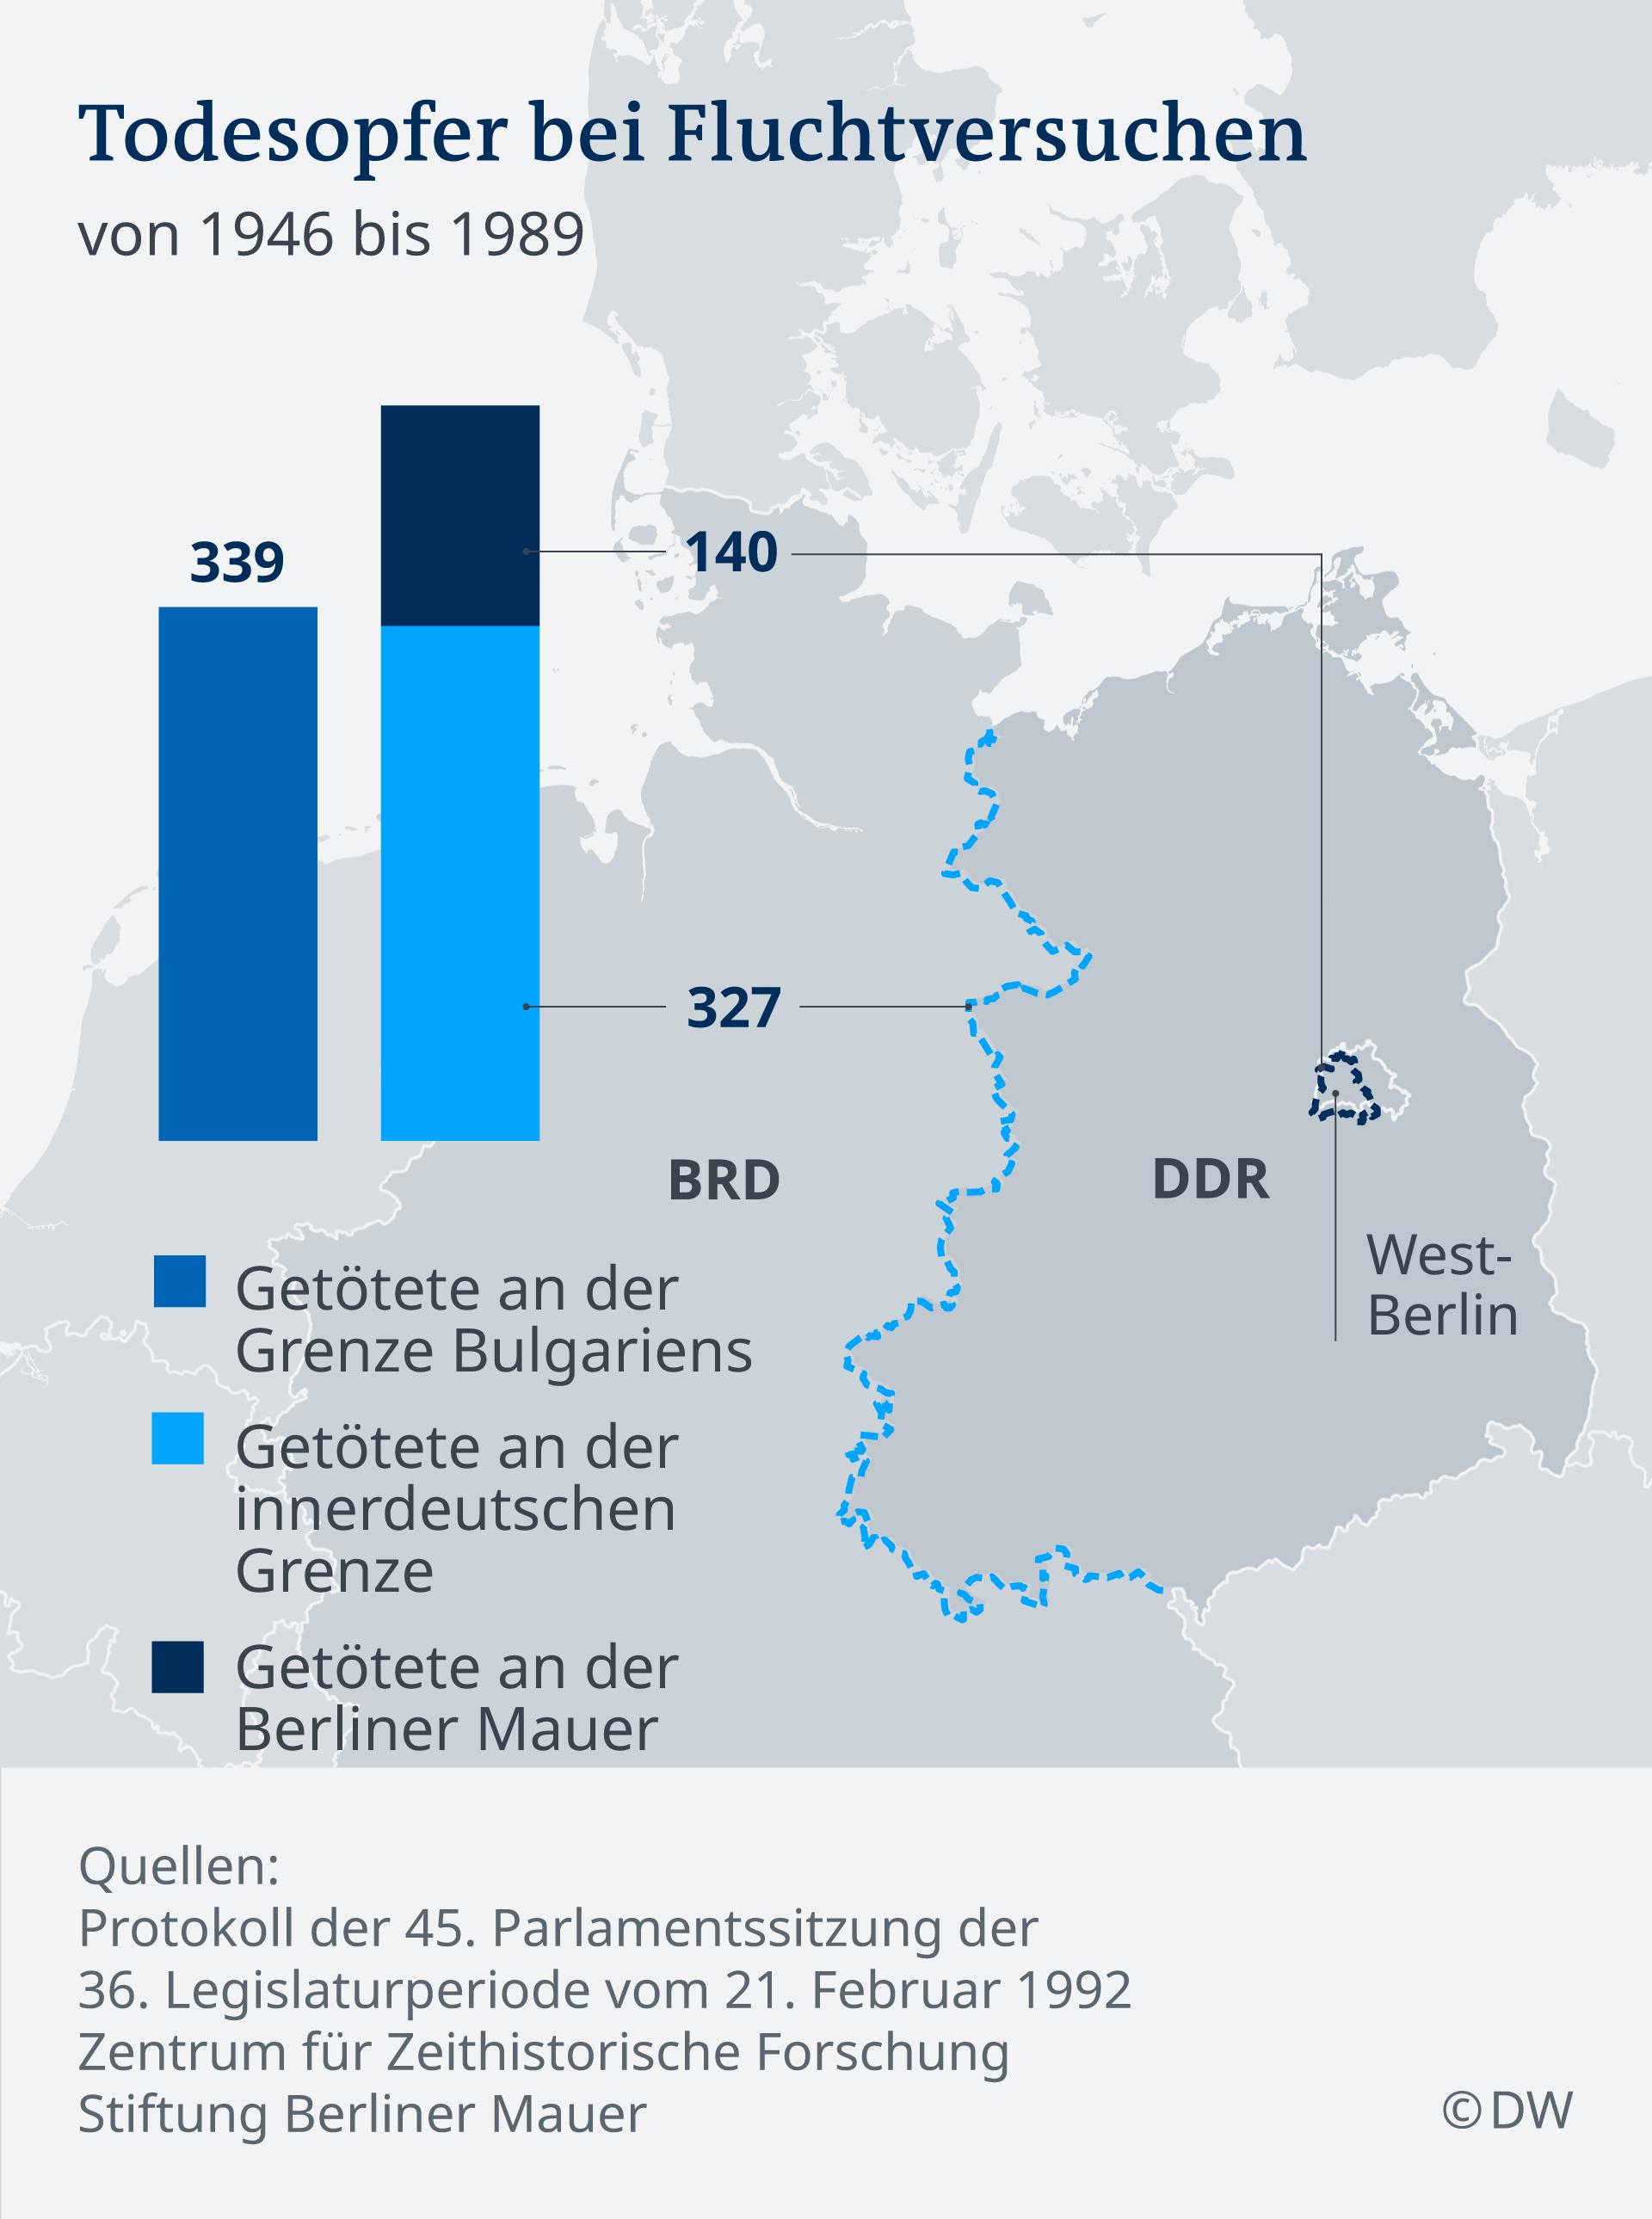 Bau Der Berliner Mauer Karte.Top 10 Punto Medio Noticias Karte Alte Grenze Brd Ddr